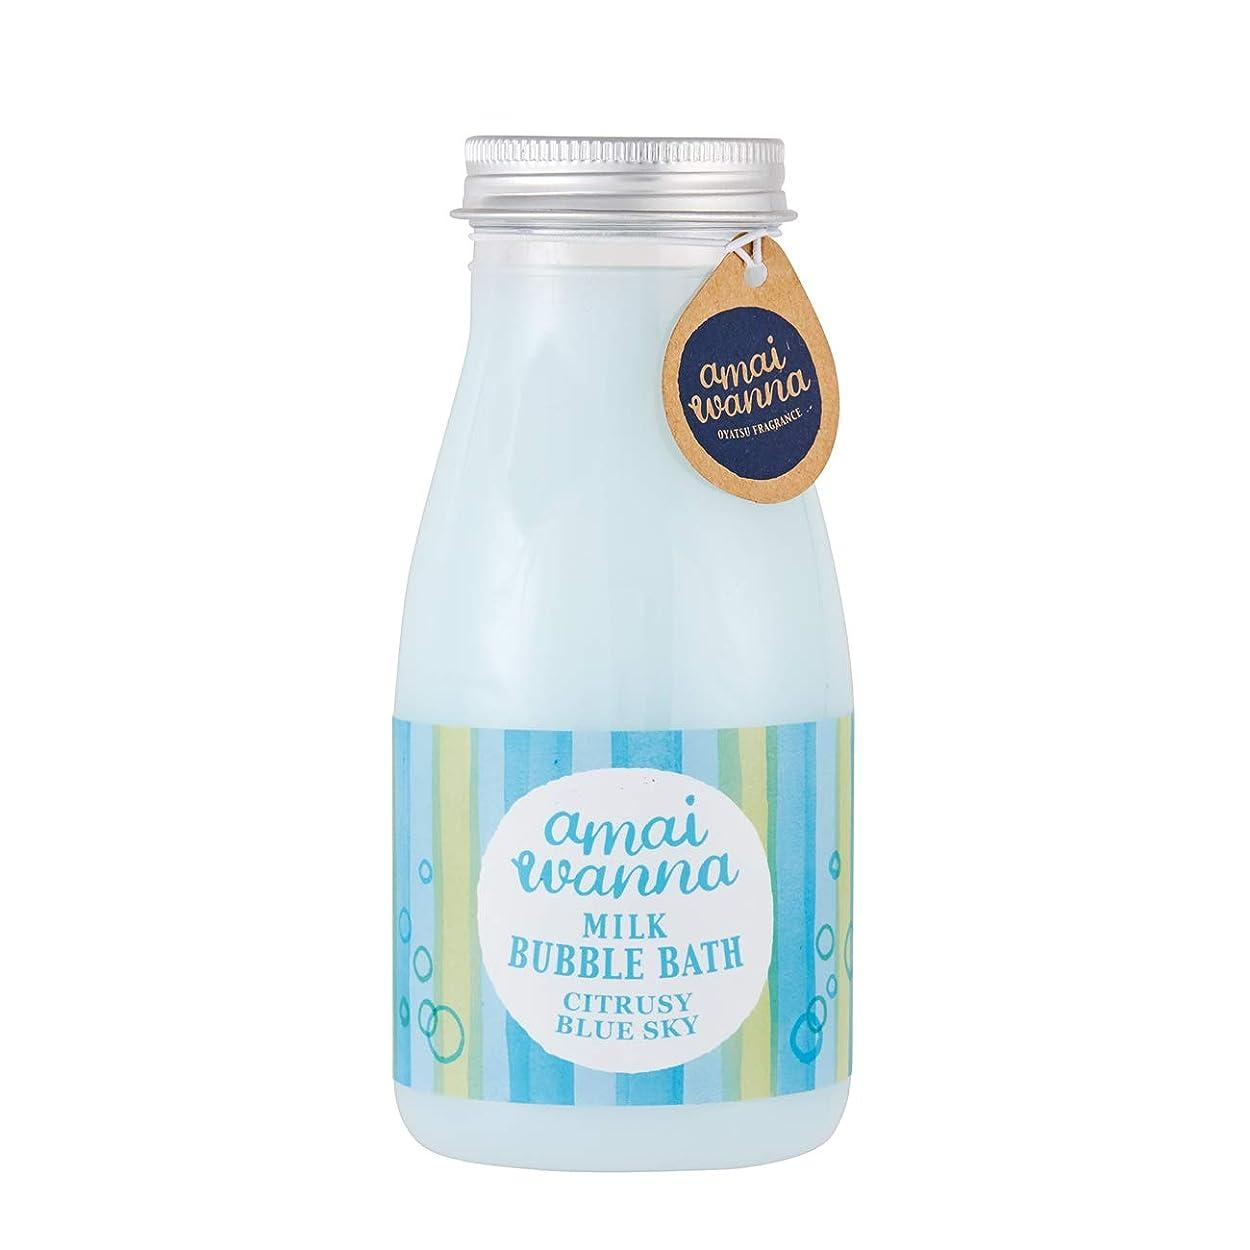 デコラティブ悲惨プロットアマイワナSP ミルクバブルバス 青空シトラス300mL(泡風呂タイプ入浴料 ギフト)